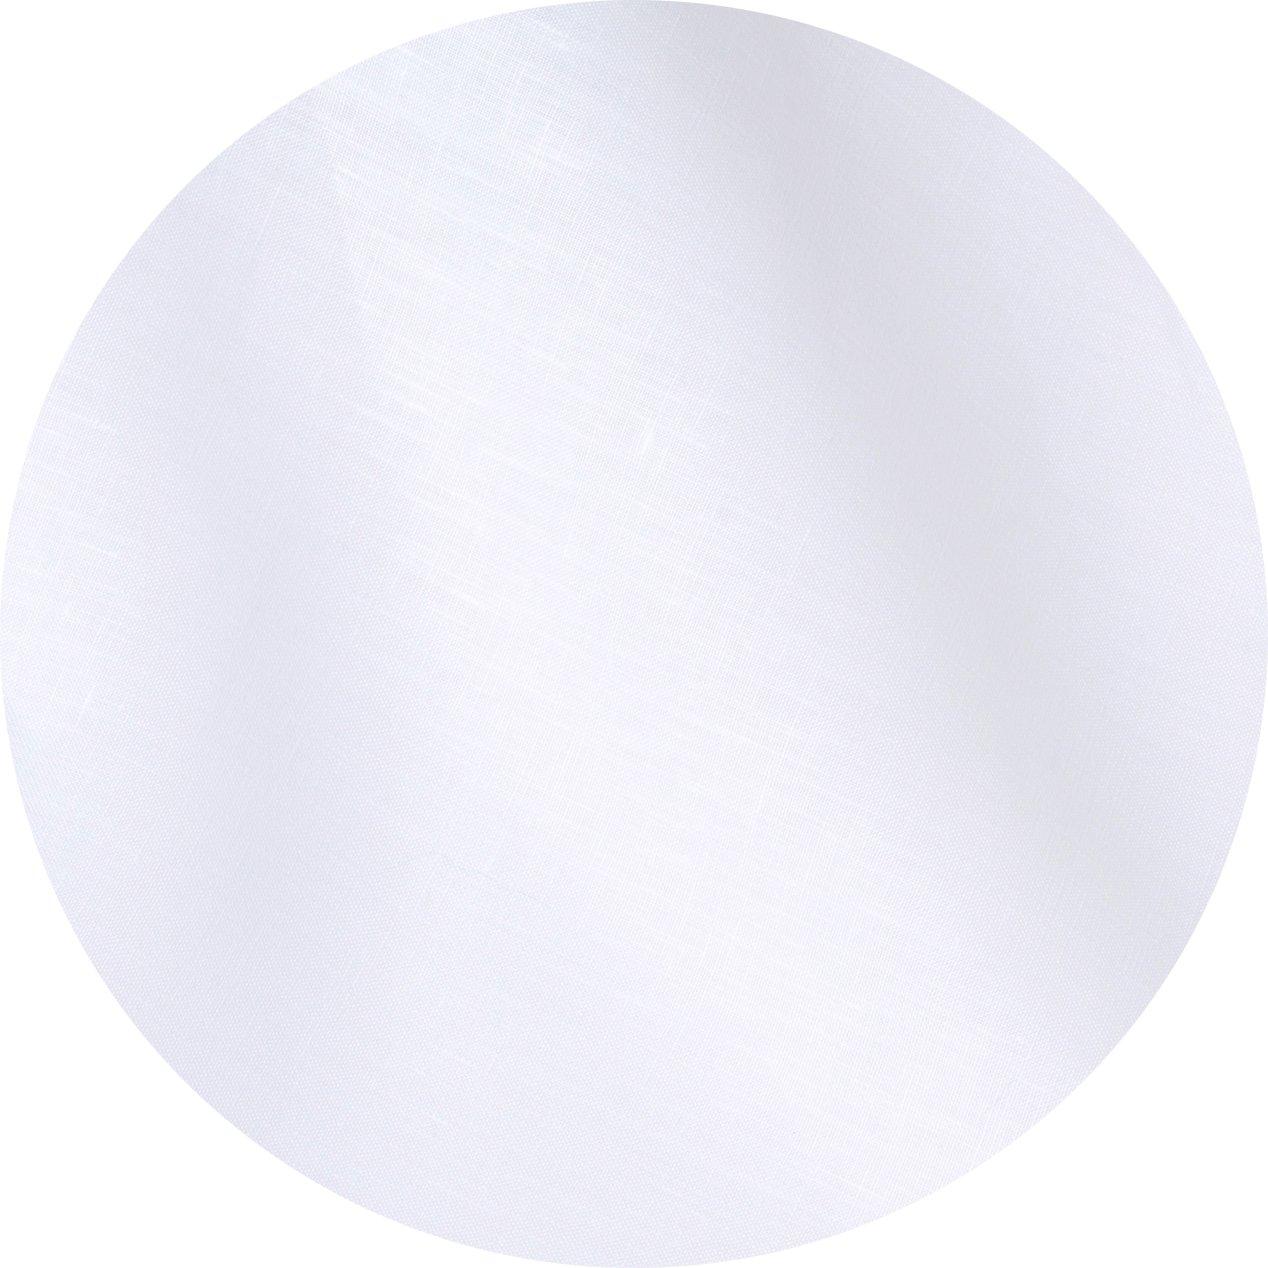 White Italian Pure Linen Tablecloth, 120'' Round